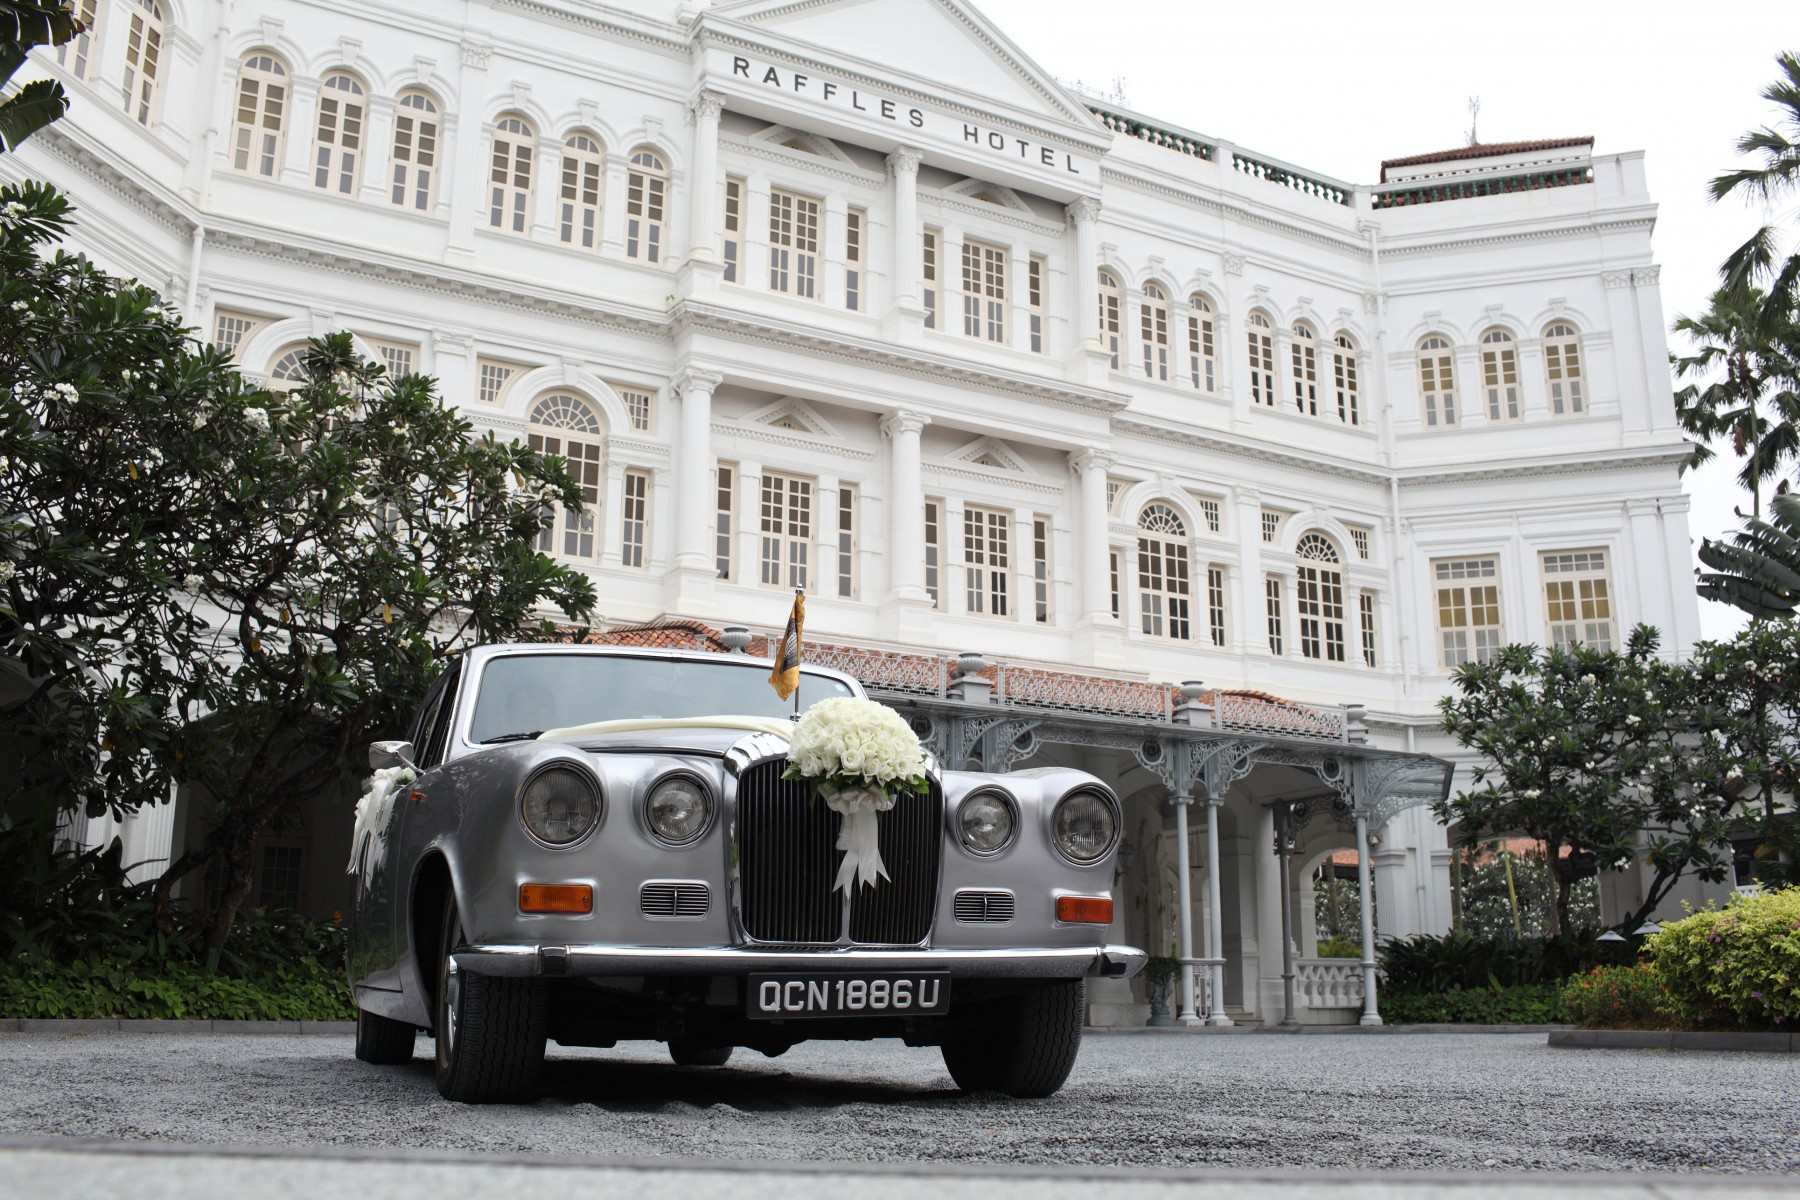 wedding car raffles hotel european style building